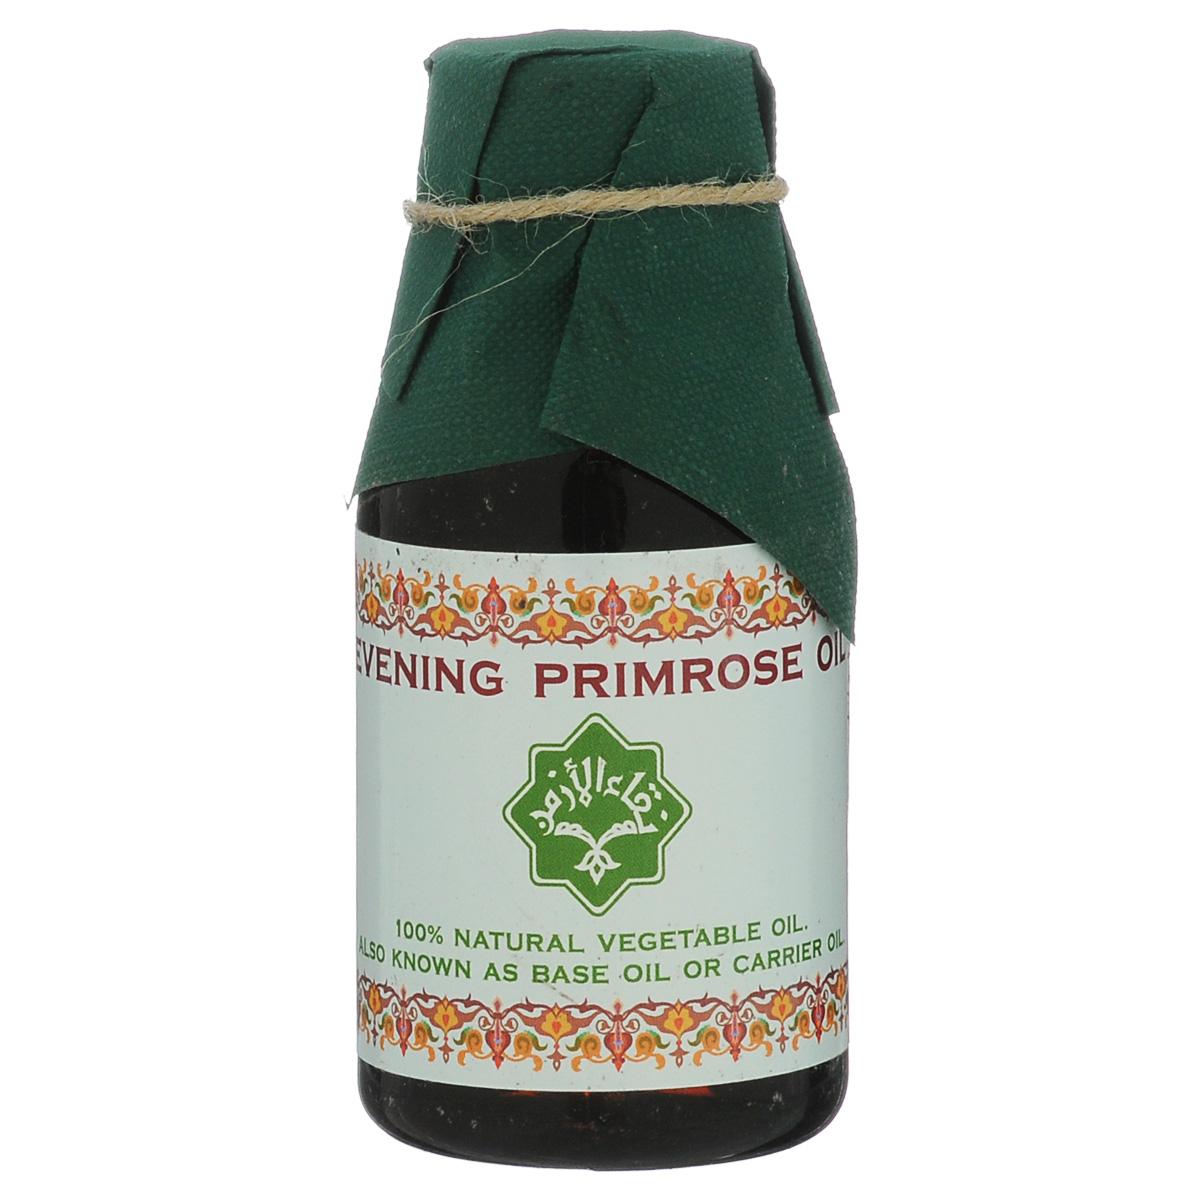 Зейтун Масло Примула вечерняя, 100 млFS-00897Масло примулы вечерней Зейтун — 100% натуральное. Производится из растения, которое содержит наибольшее в природе количество гамма-линоленовой кислоты — 10%. Усиливаясь входящим в состав антиоксидантным витамином Е, масло примулы вечерней имеет целебное действие при экземе, псориазе, раздражениях и перхоти. Выводит пигментные пятна. Увлажняет и питает кожу, смягчает и разглаживает морщинки, предотвращая ее старение и делая красивой и свежей.